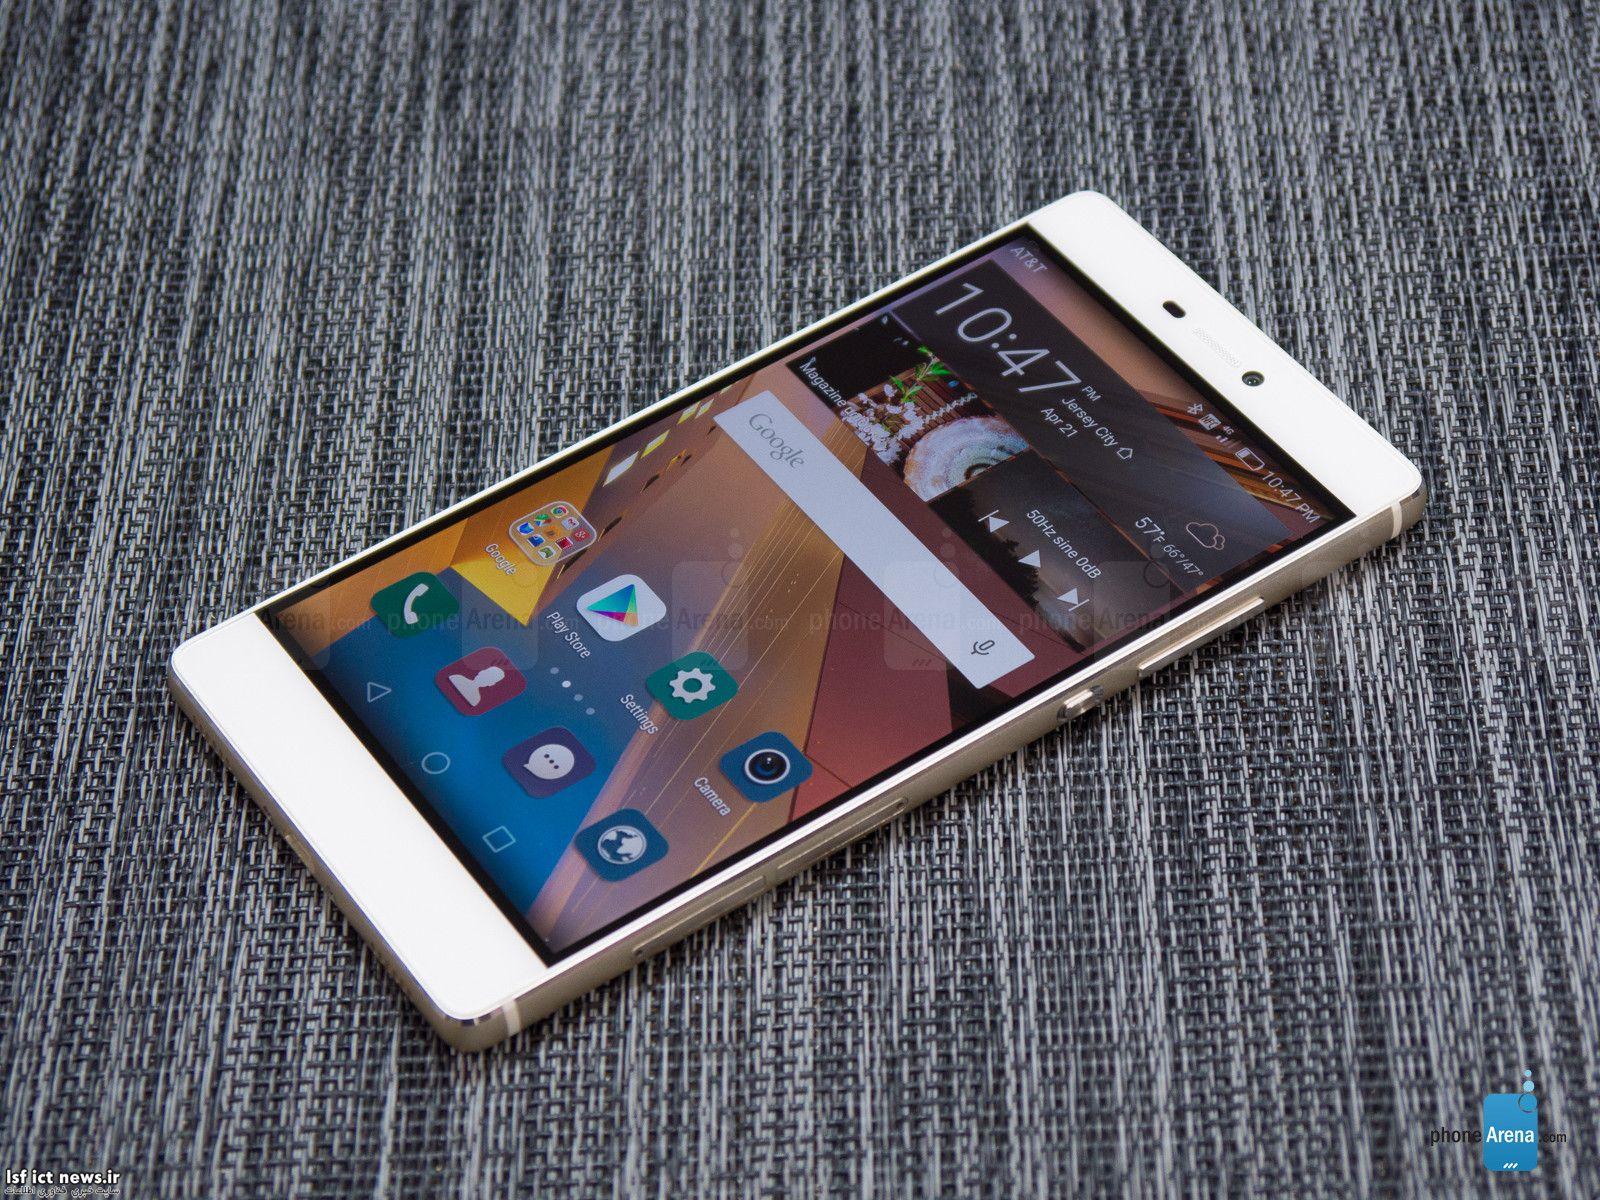 Huawei-P8-Review-010